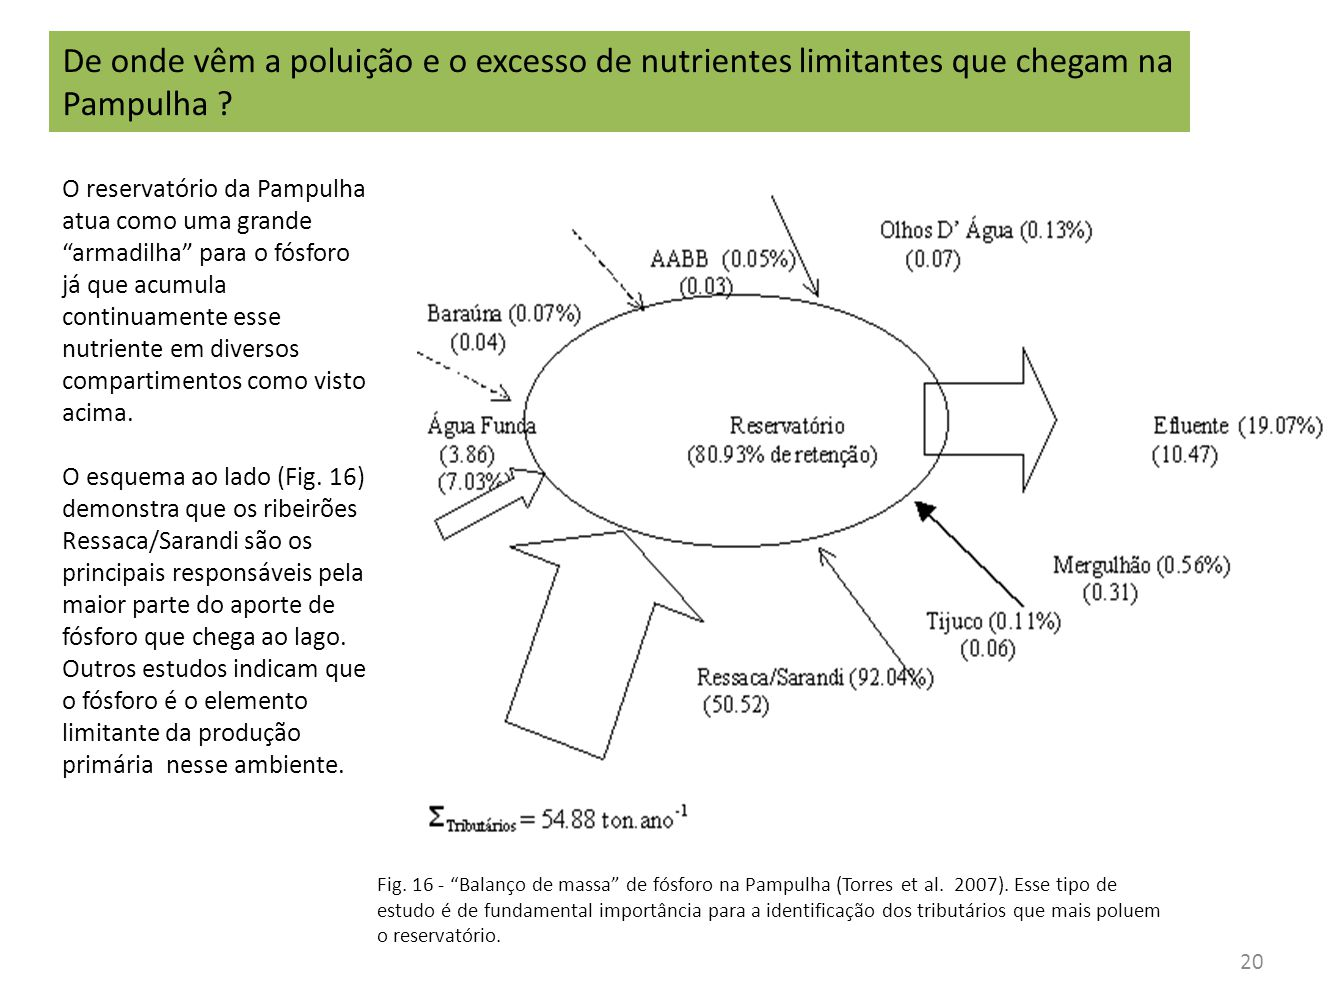 De onde vêm a poluição e o excesso de nutrientes limitantes que chegam na Pampulha